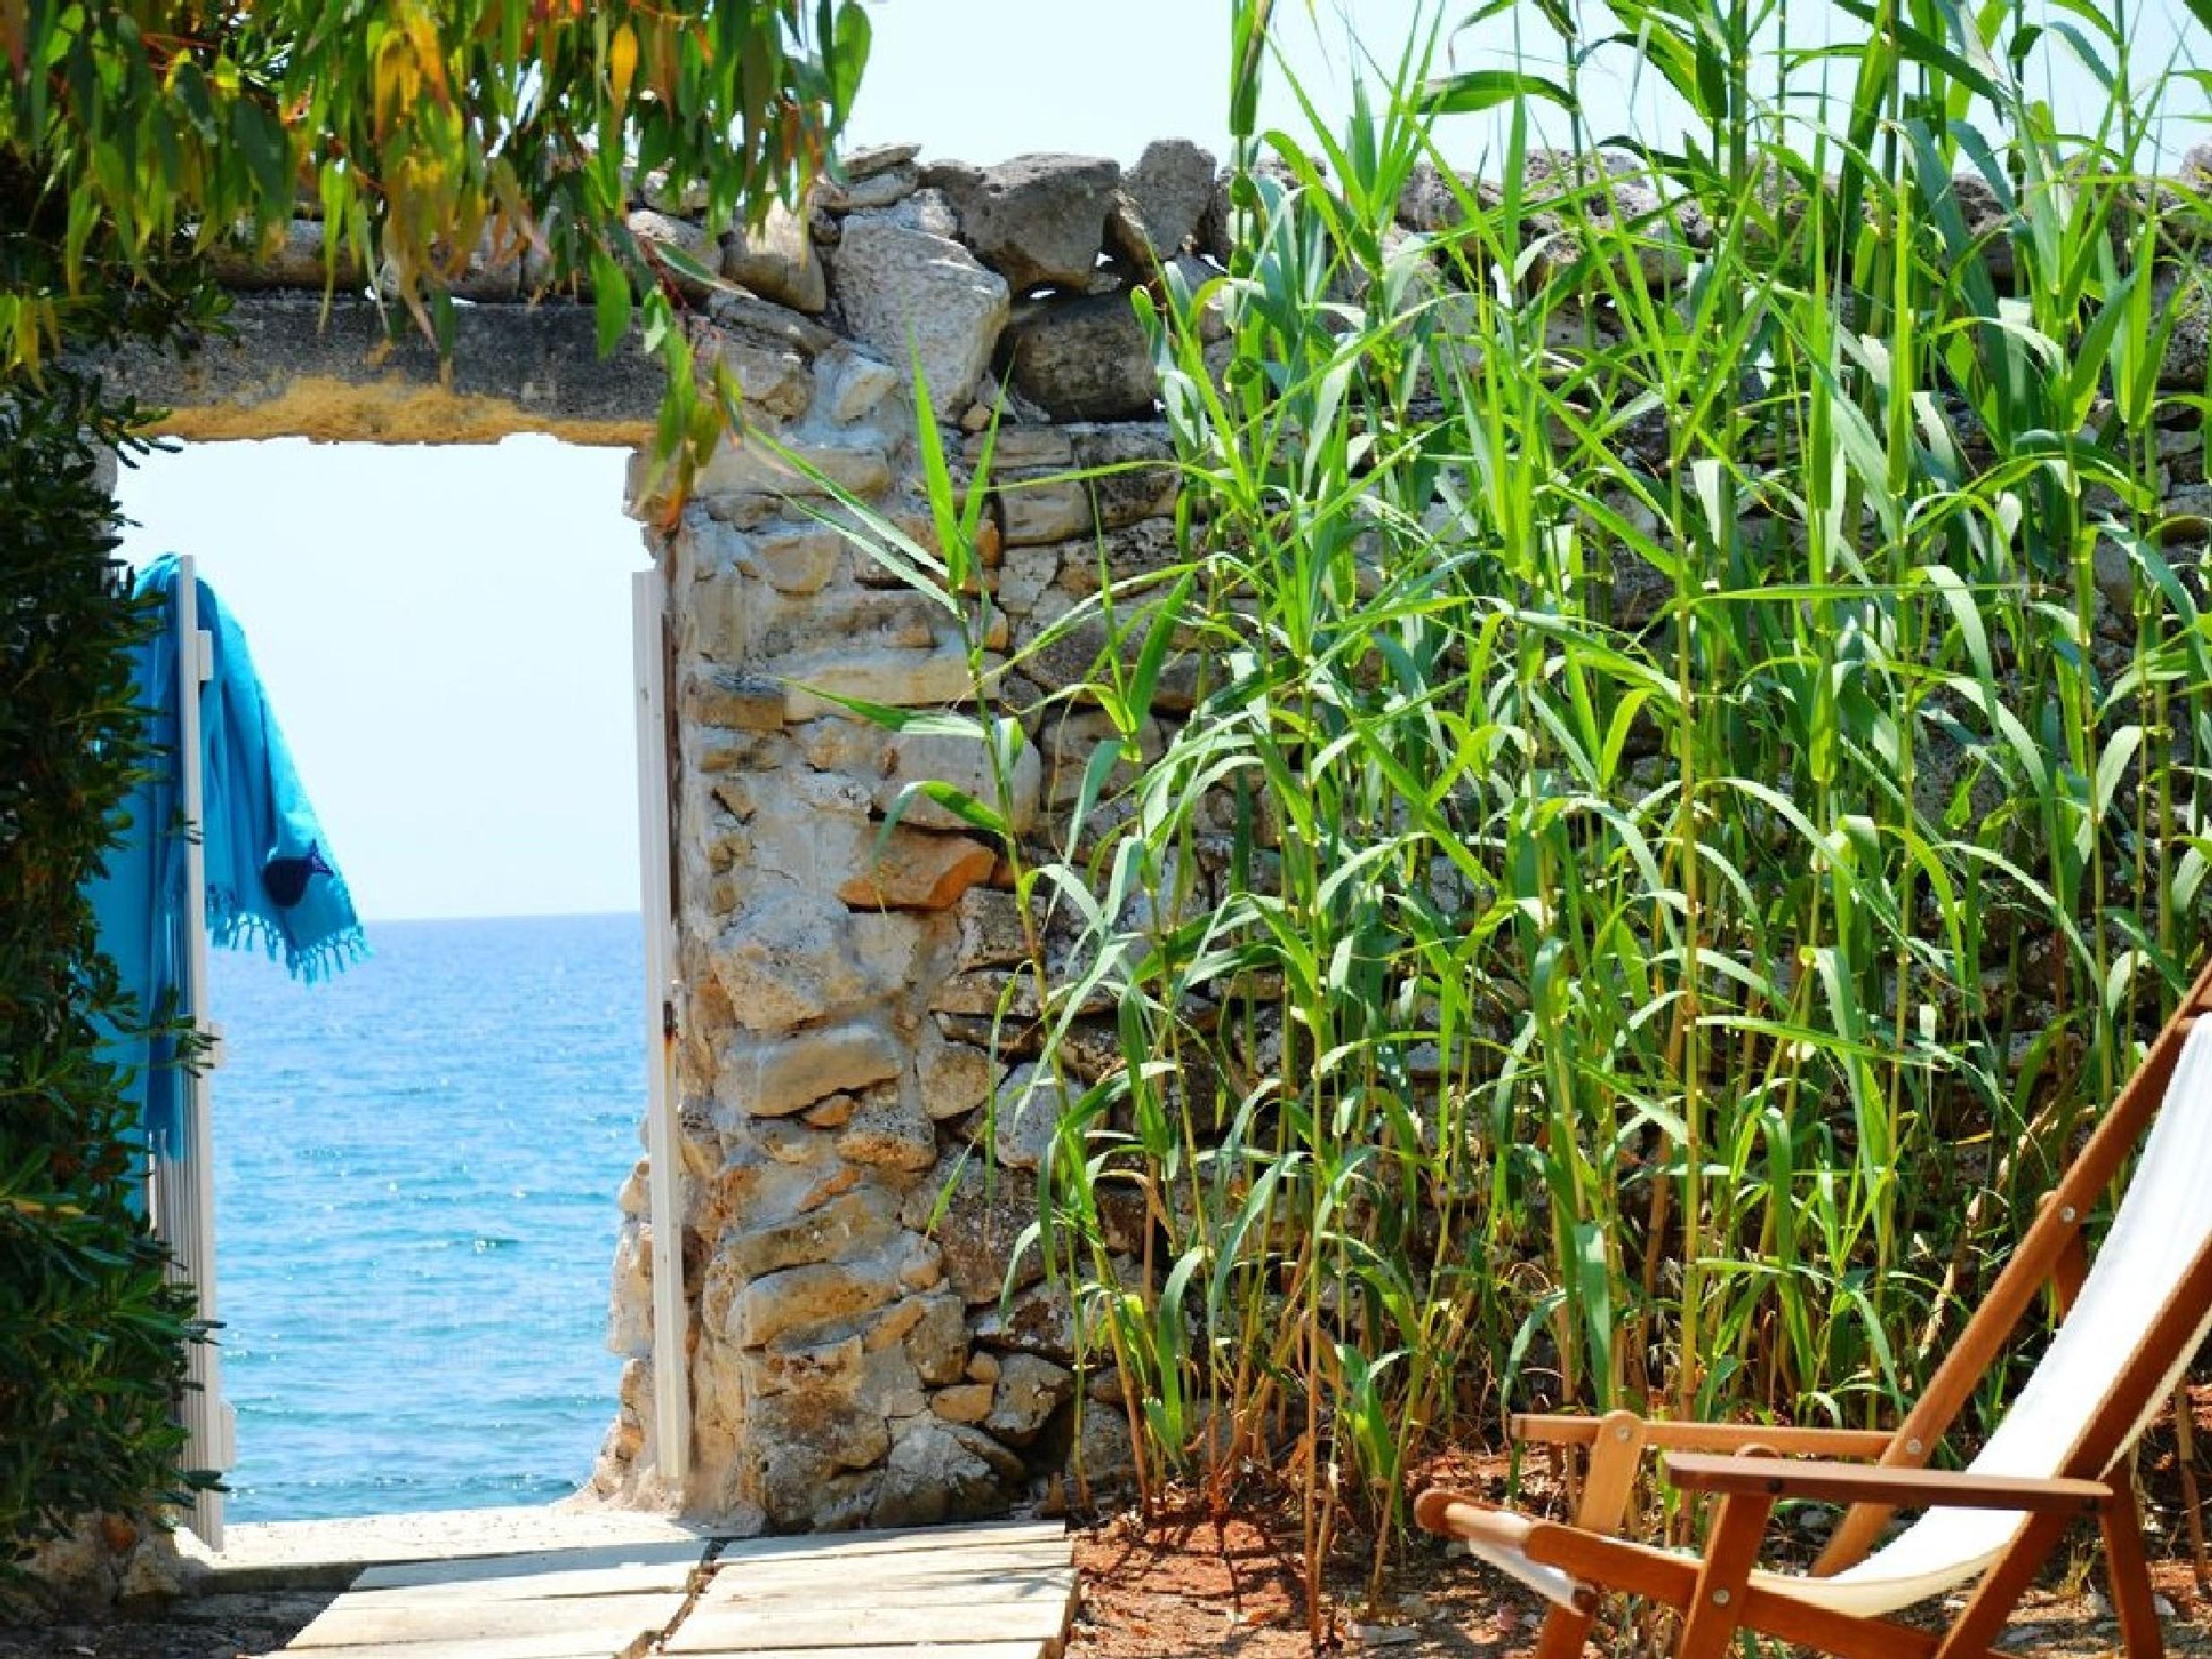 Apartment Rifugio private sea access photo 20130330